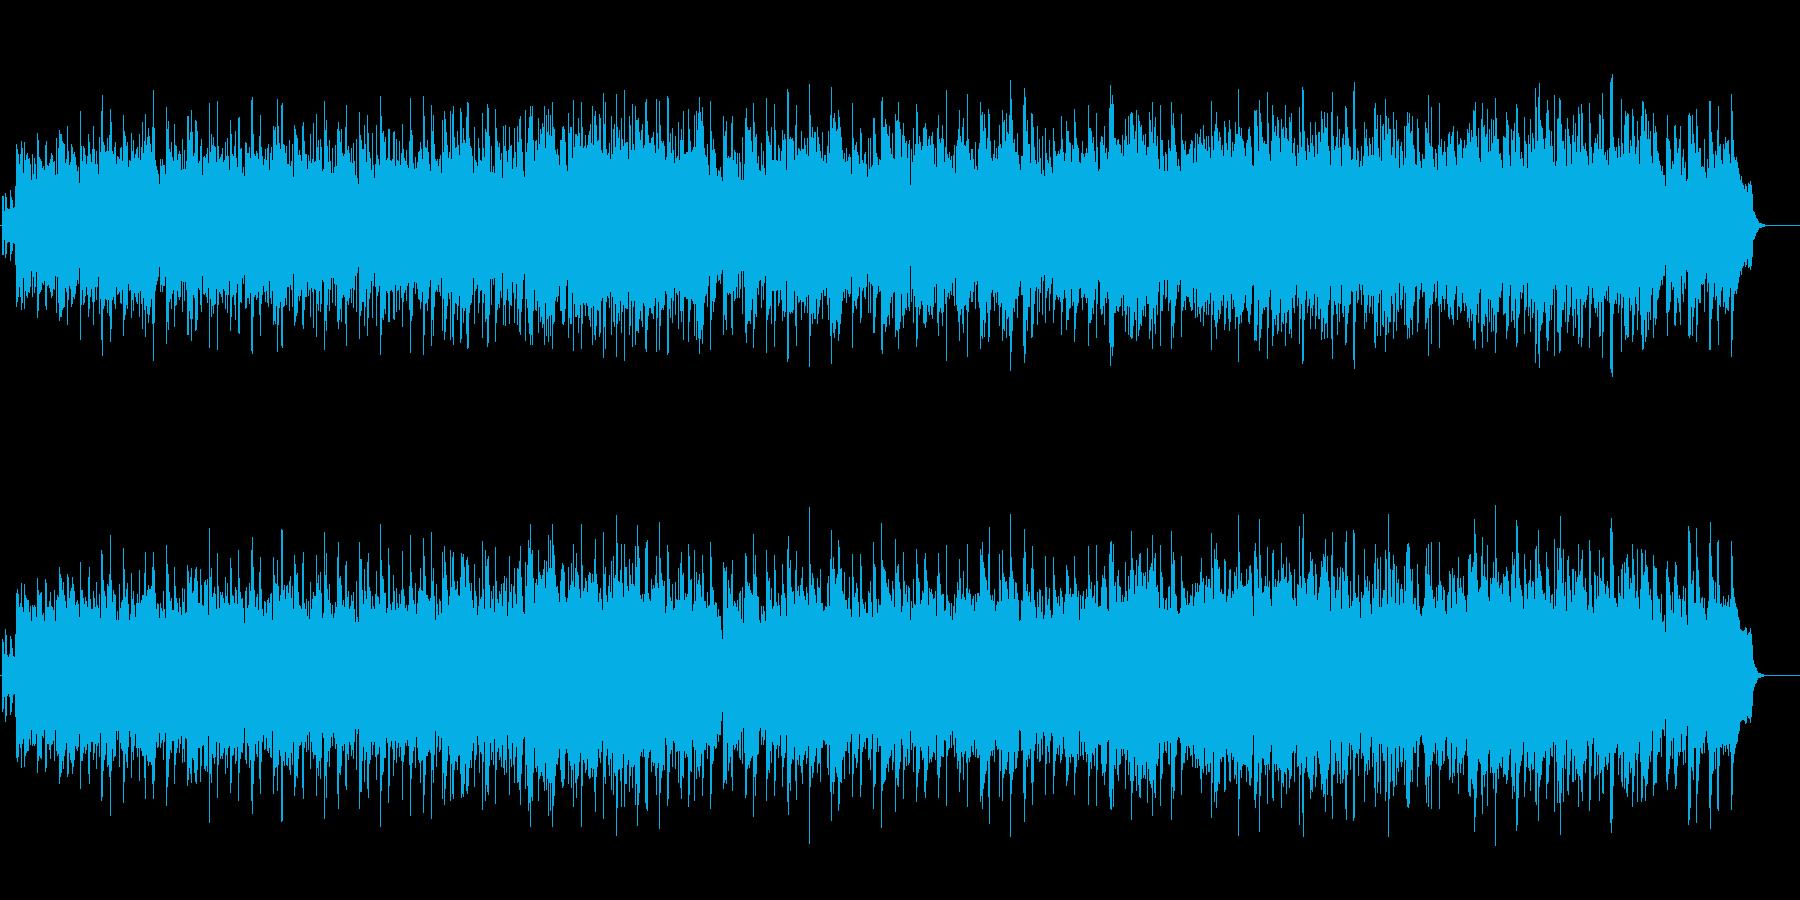 味わい深いスローなラヴ・バラードの再生済みの波形